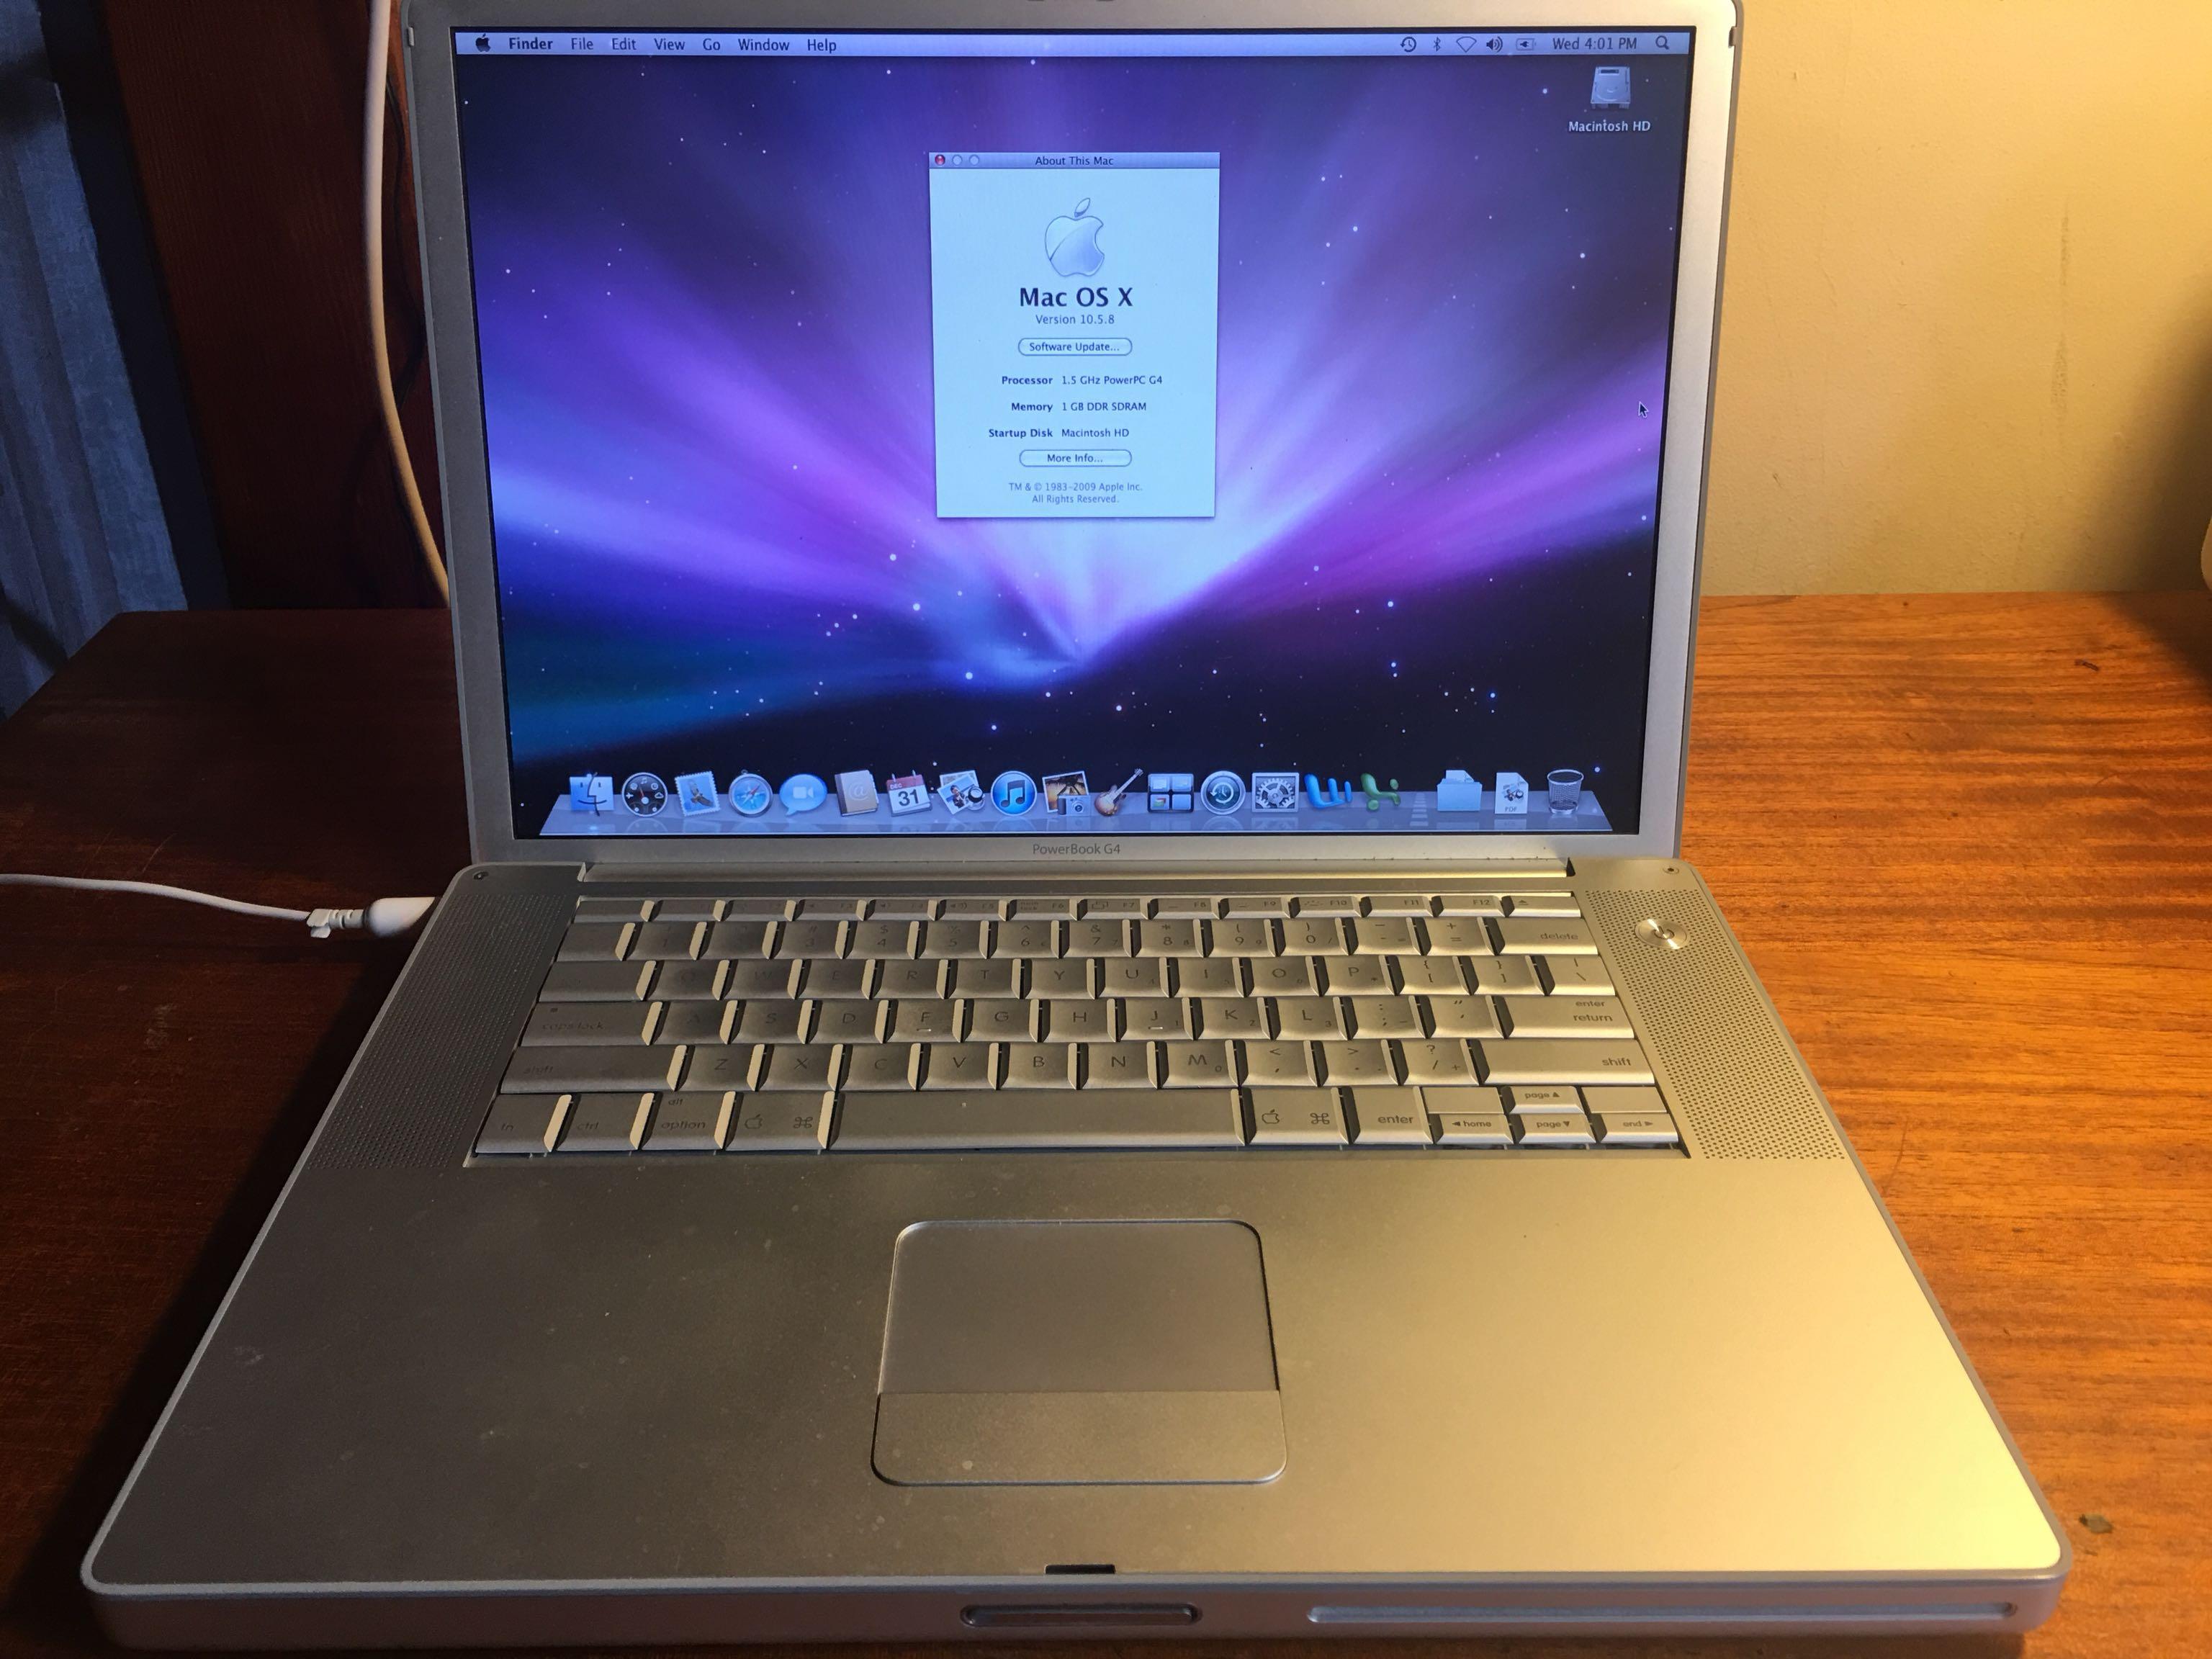 Wonderbaarlijk Best Apple Powerbook G4 for sale in Victoria, British Columbia for HS-19